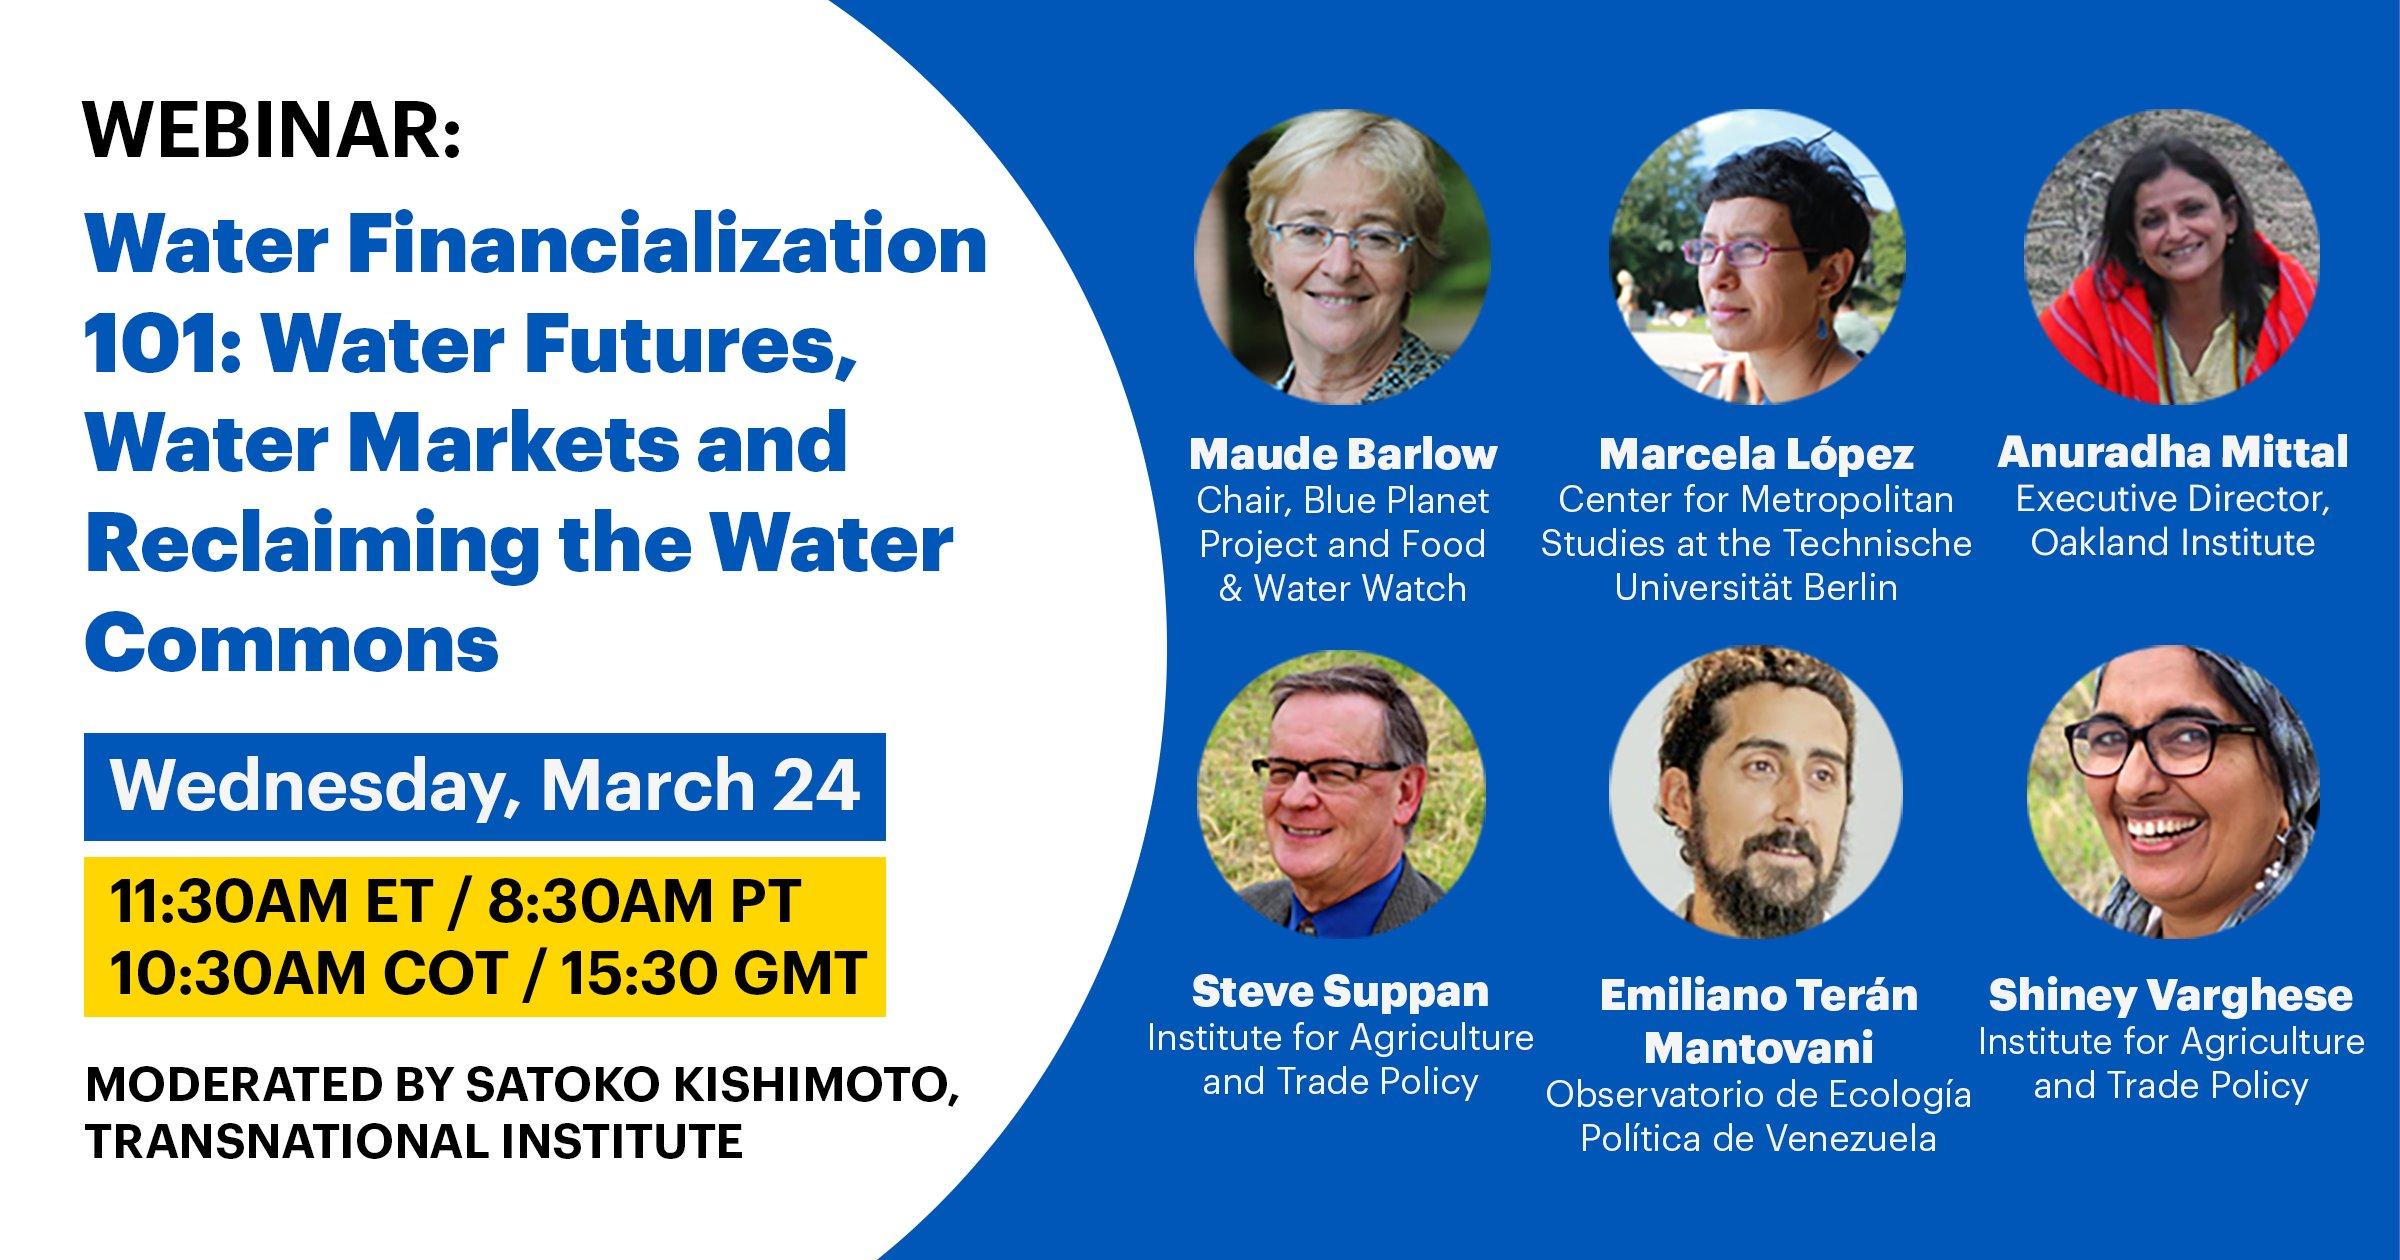 Water Financialization 101 flyer